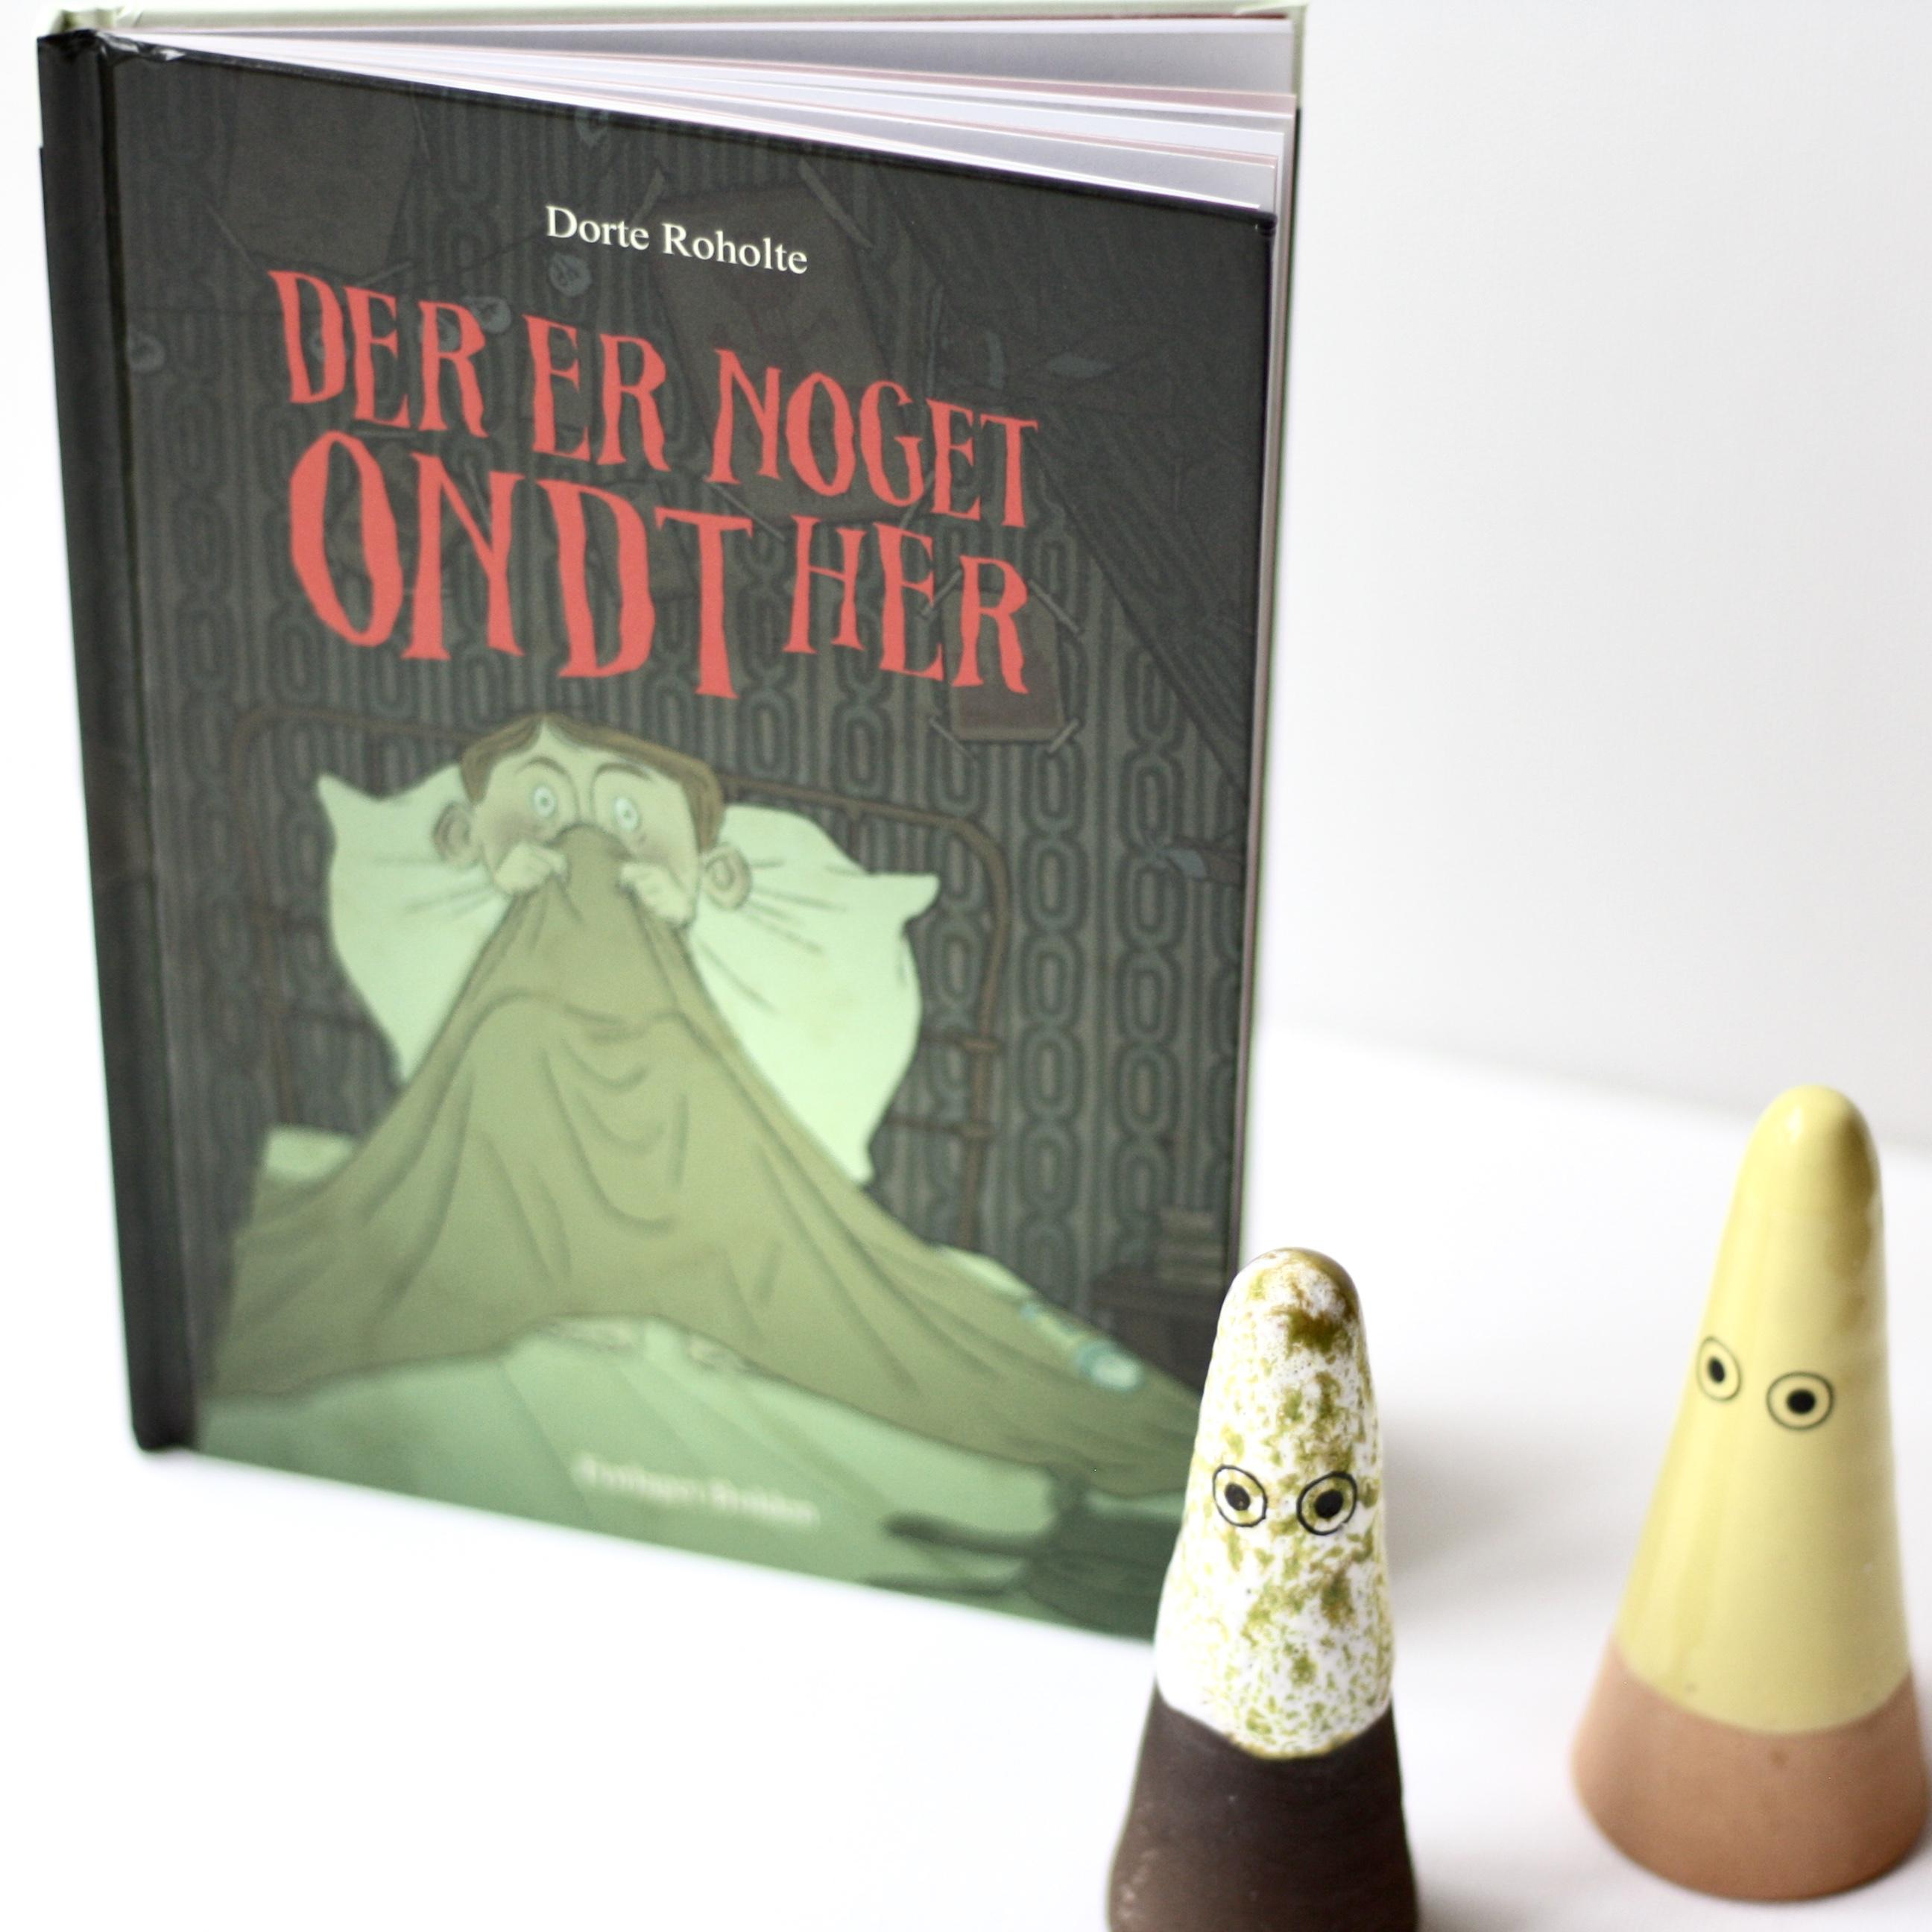 Der er noget ondt her, Dorte Roholte, Maria Buchmann, Bogoplevelsen